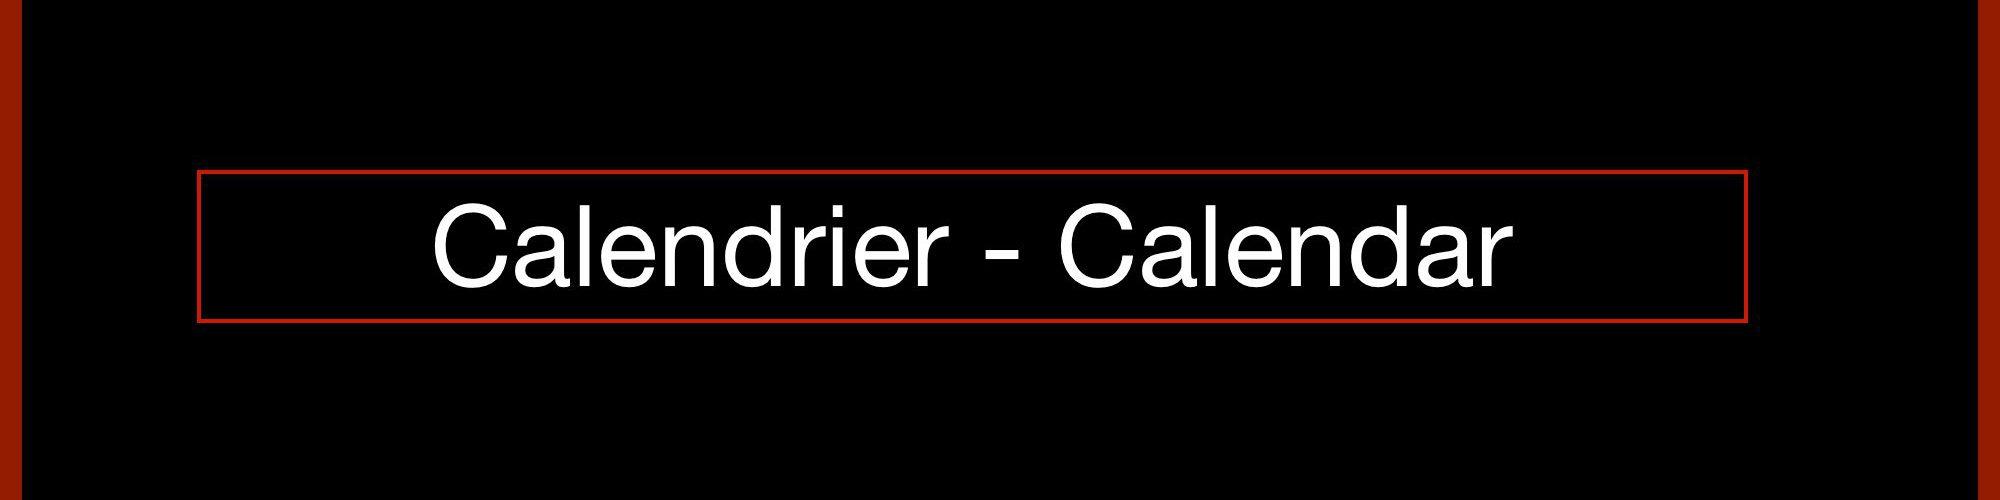 Kevin Calixte Calendrier - Calendar